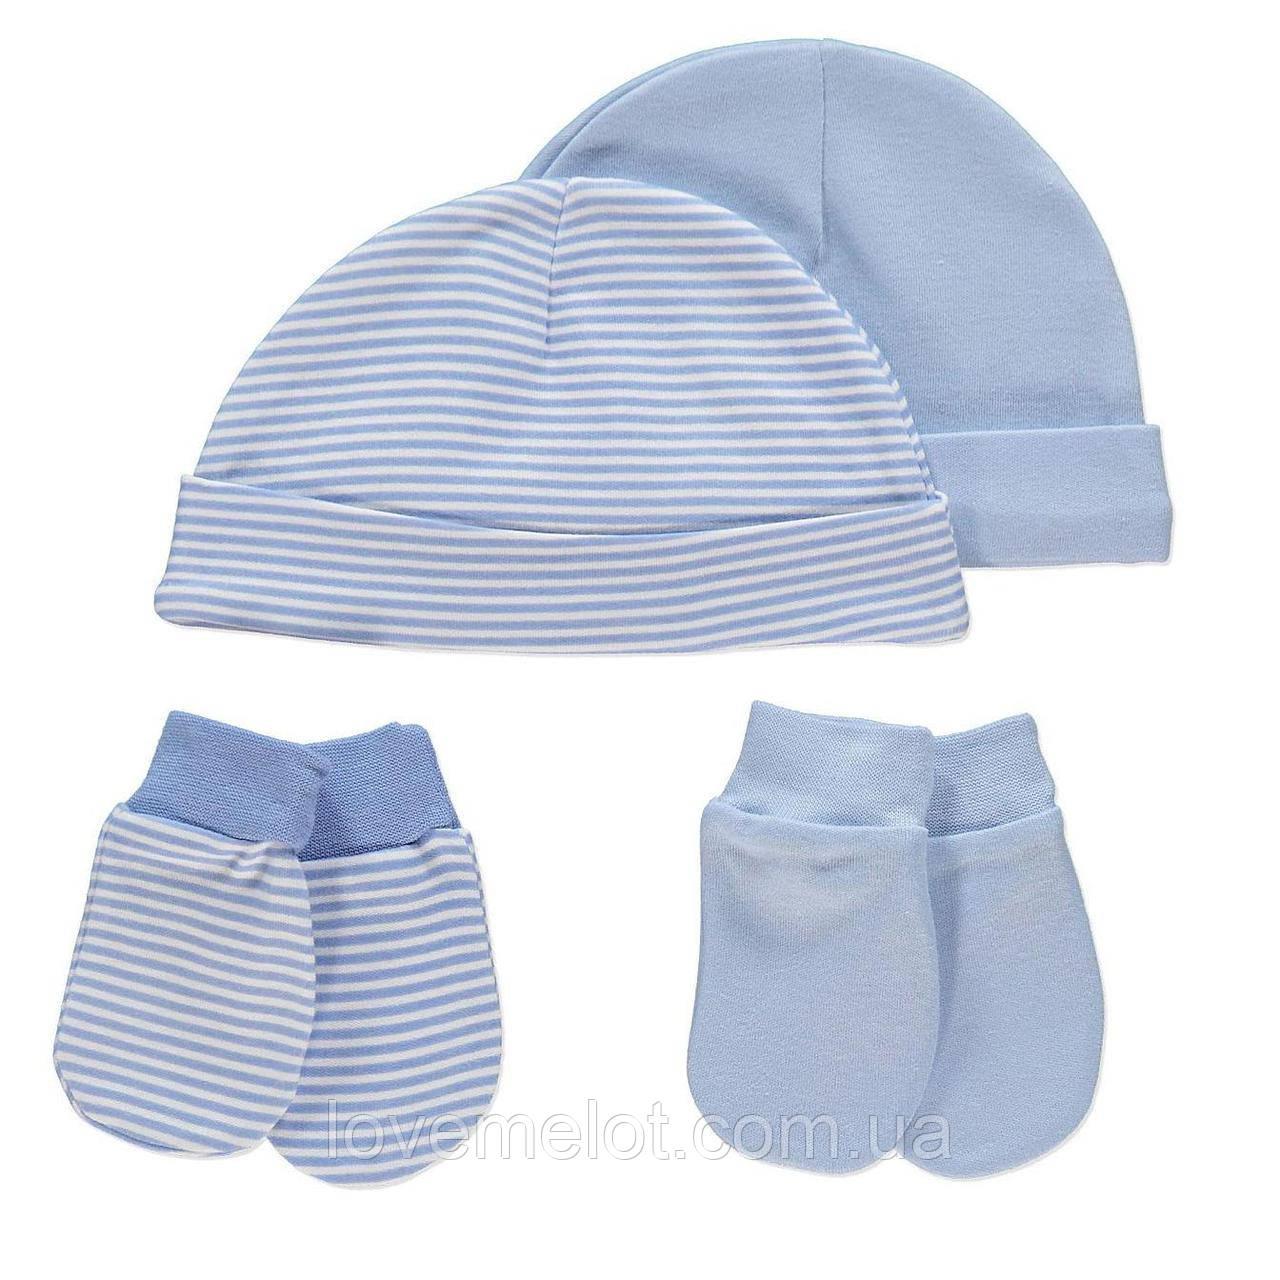 """Набор из 2-х трикотажный шапочек + 2 пары антицарапкики """"Крошка"""" голубые для мальчика, размер 0-6 мес"""